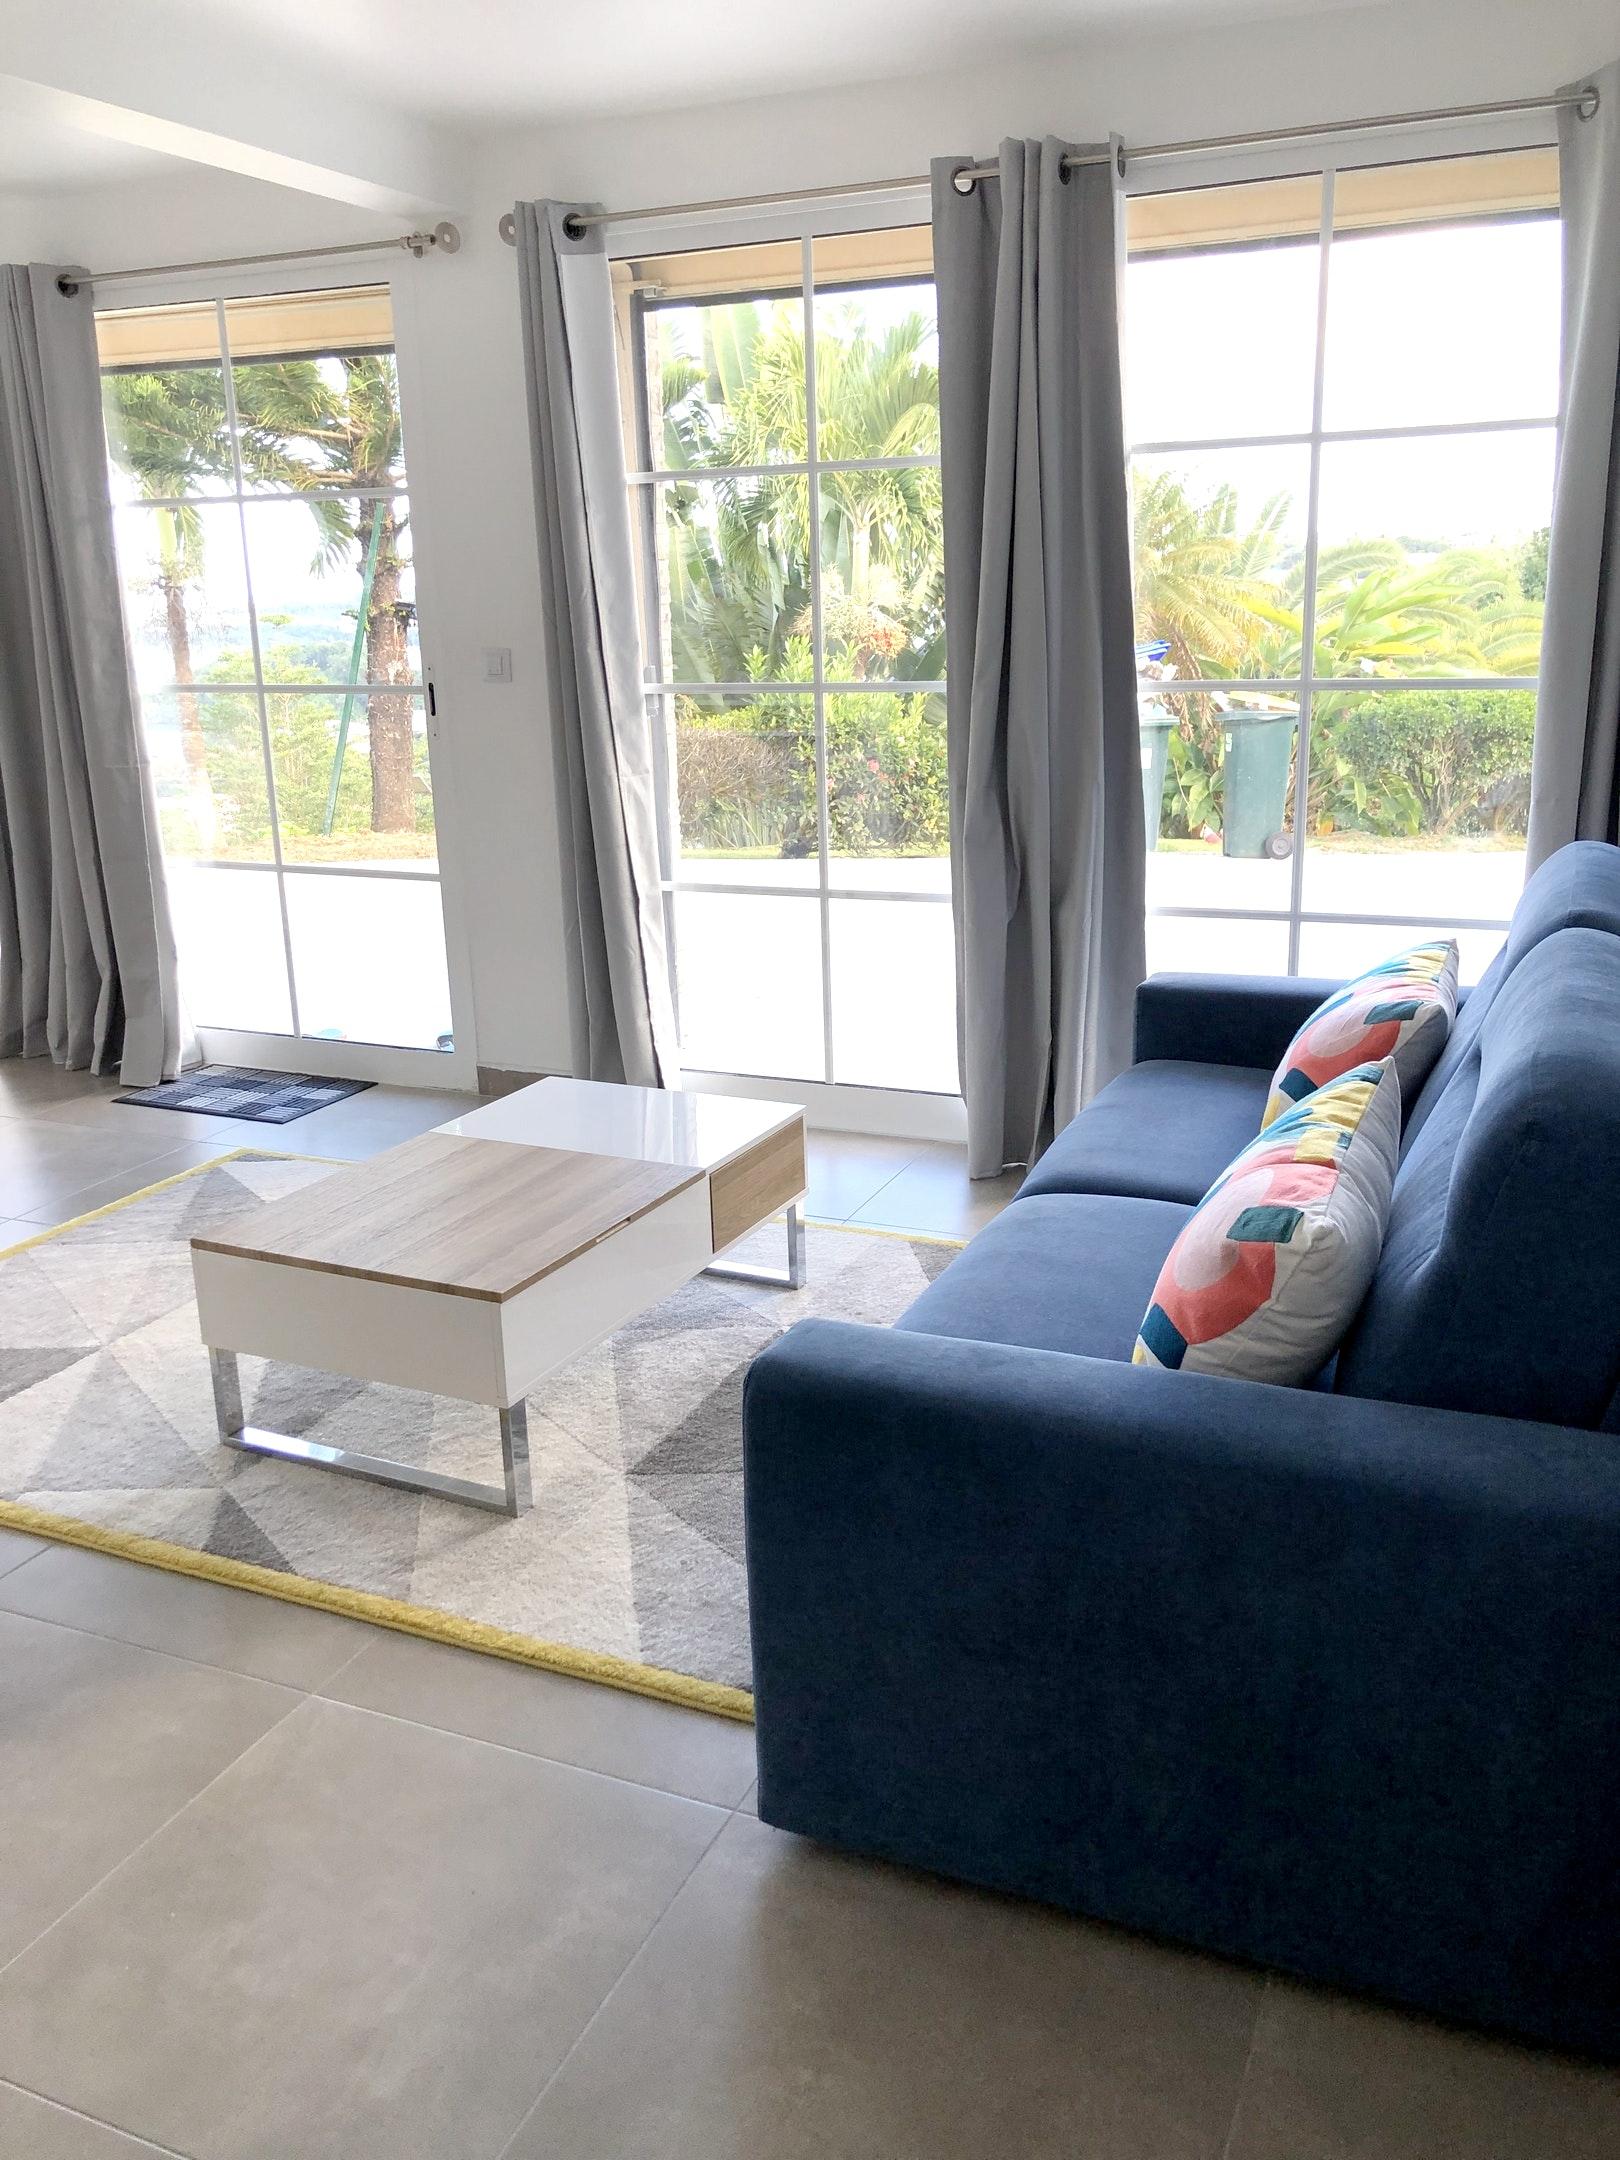 Casa de 2 habitaciones en La Trinité, con magnificas vistas al mar, piscina compartida, jardín cerrado - a 2 km de la playa